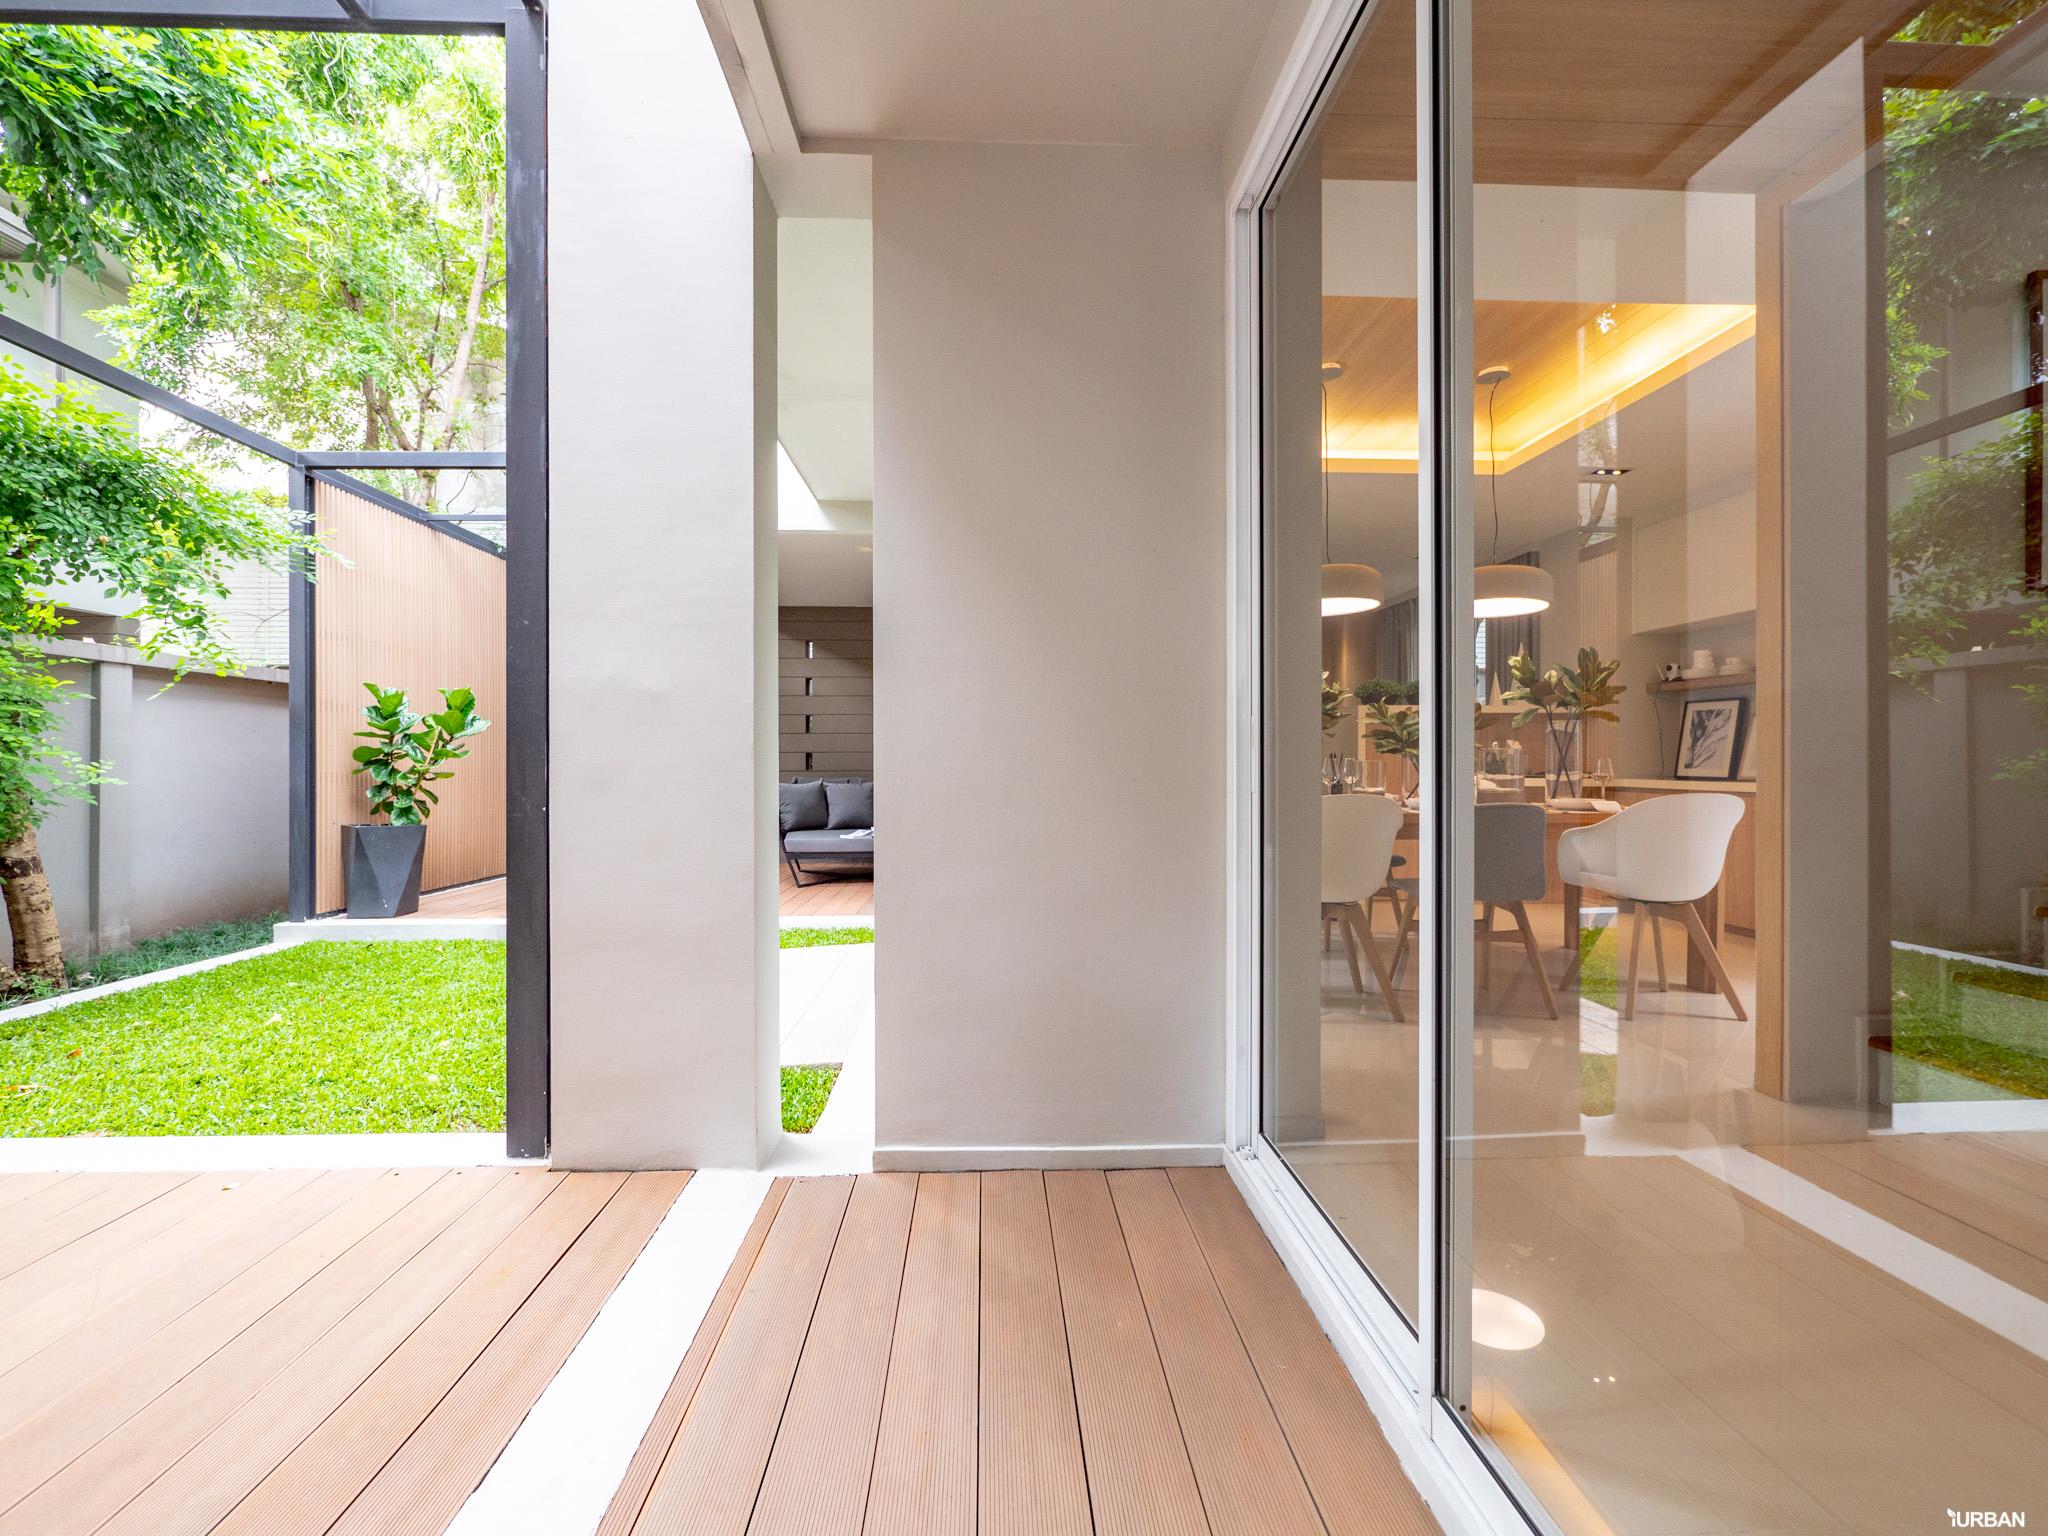 รีวิว บารานี พาร์ค ศรีนครินทร์-ร่มเกล้า บ้านสไตล์ Courtyard House ของไทยที่ได้รางวัลสถาปัตยกรรม 76 - Baranee Park